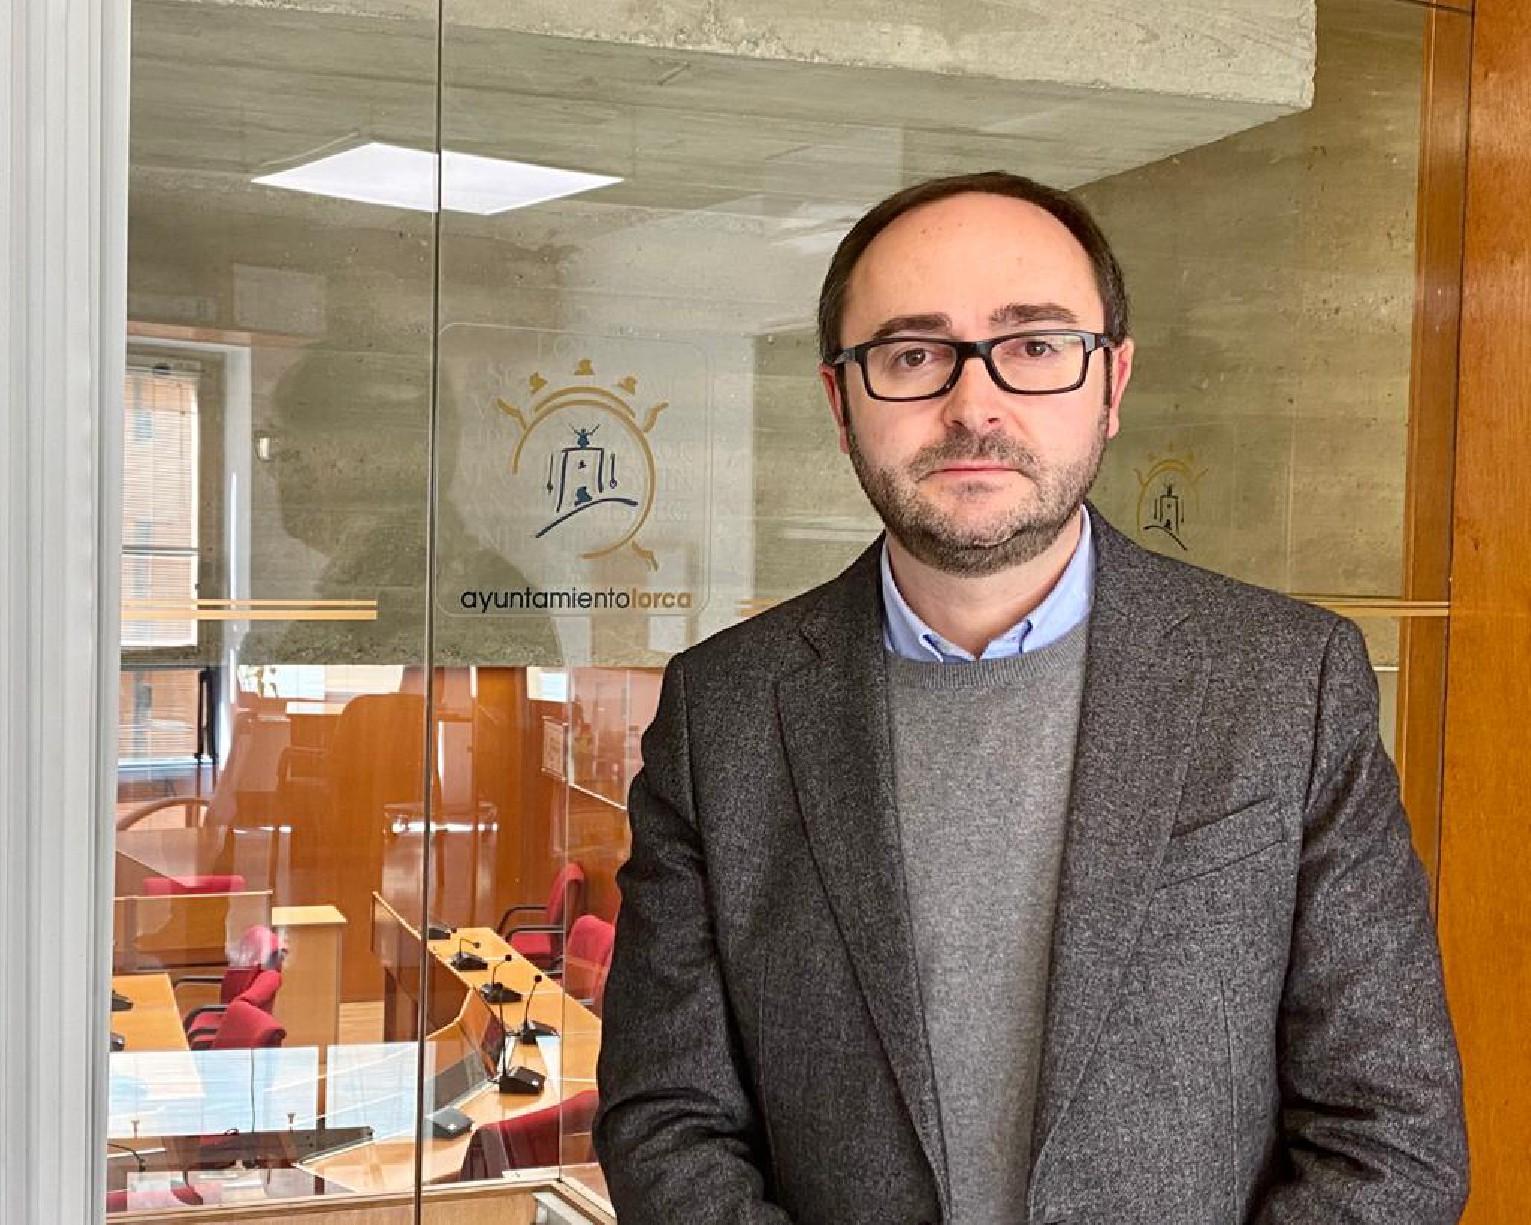 El Ayuntamiento aprueba una inyección de liquidez por valor de 840.000 euros para el pago de facturas a proveedores